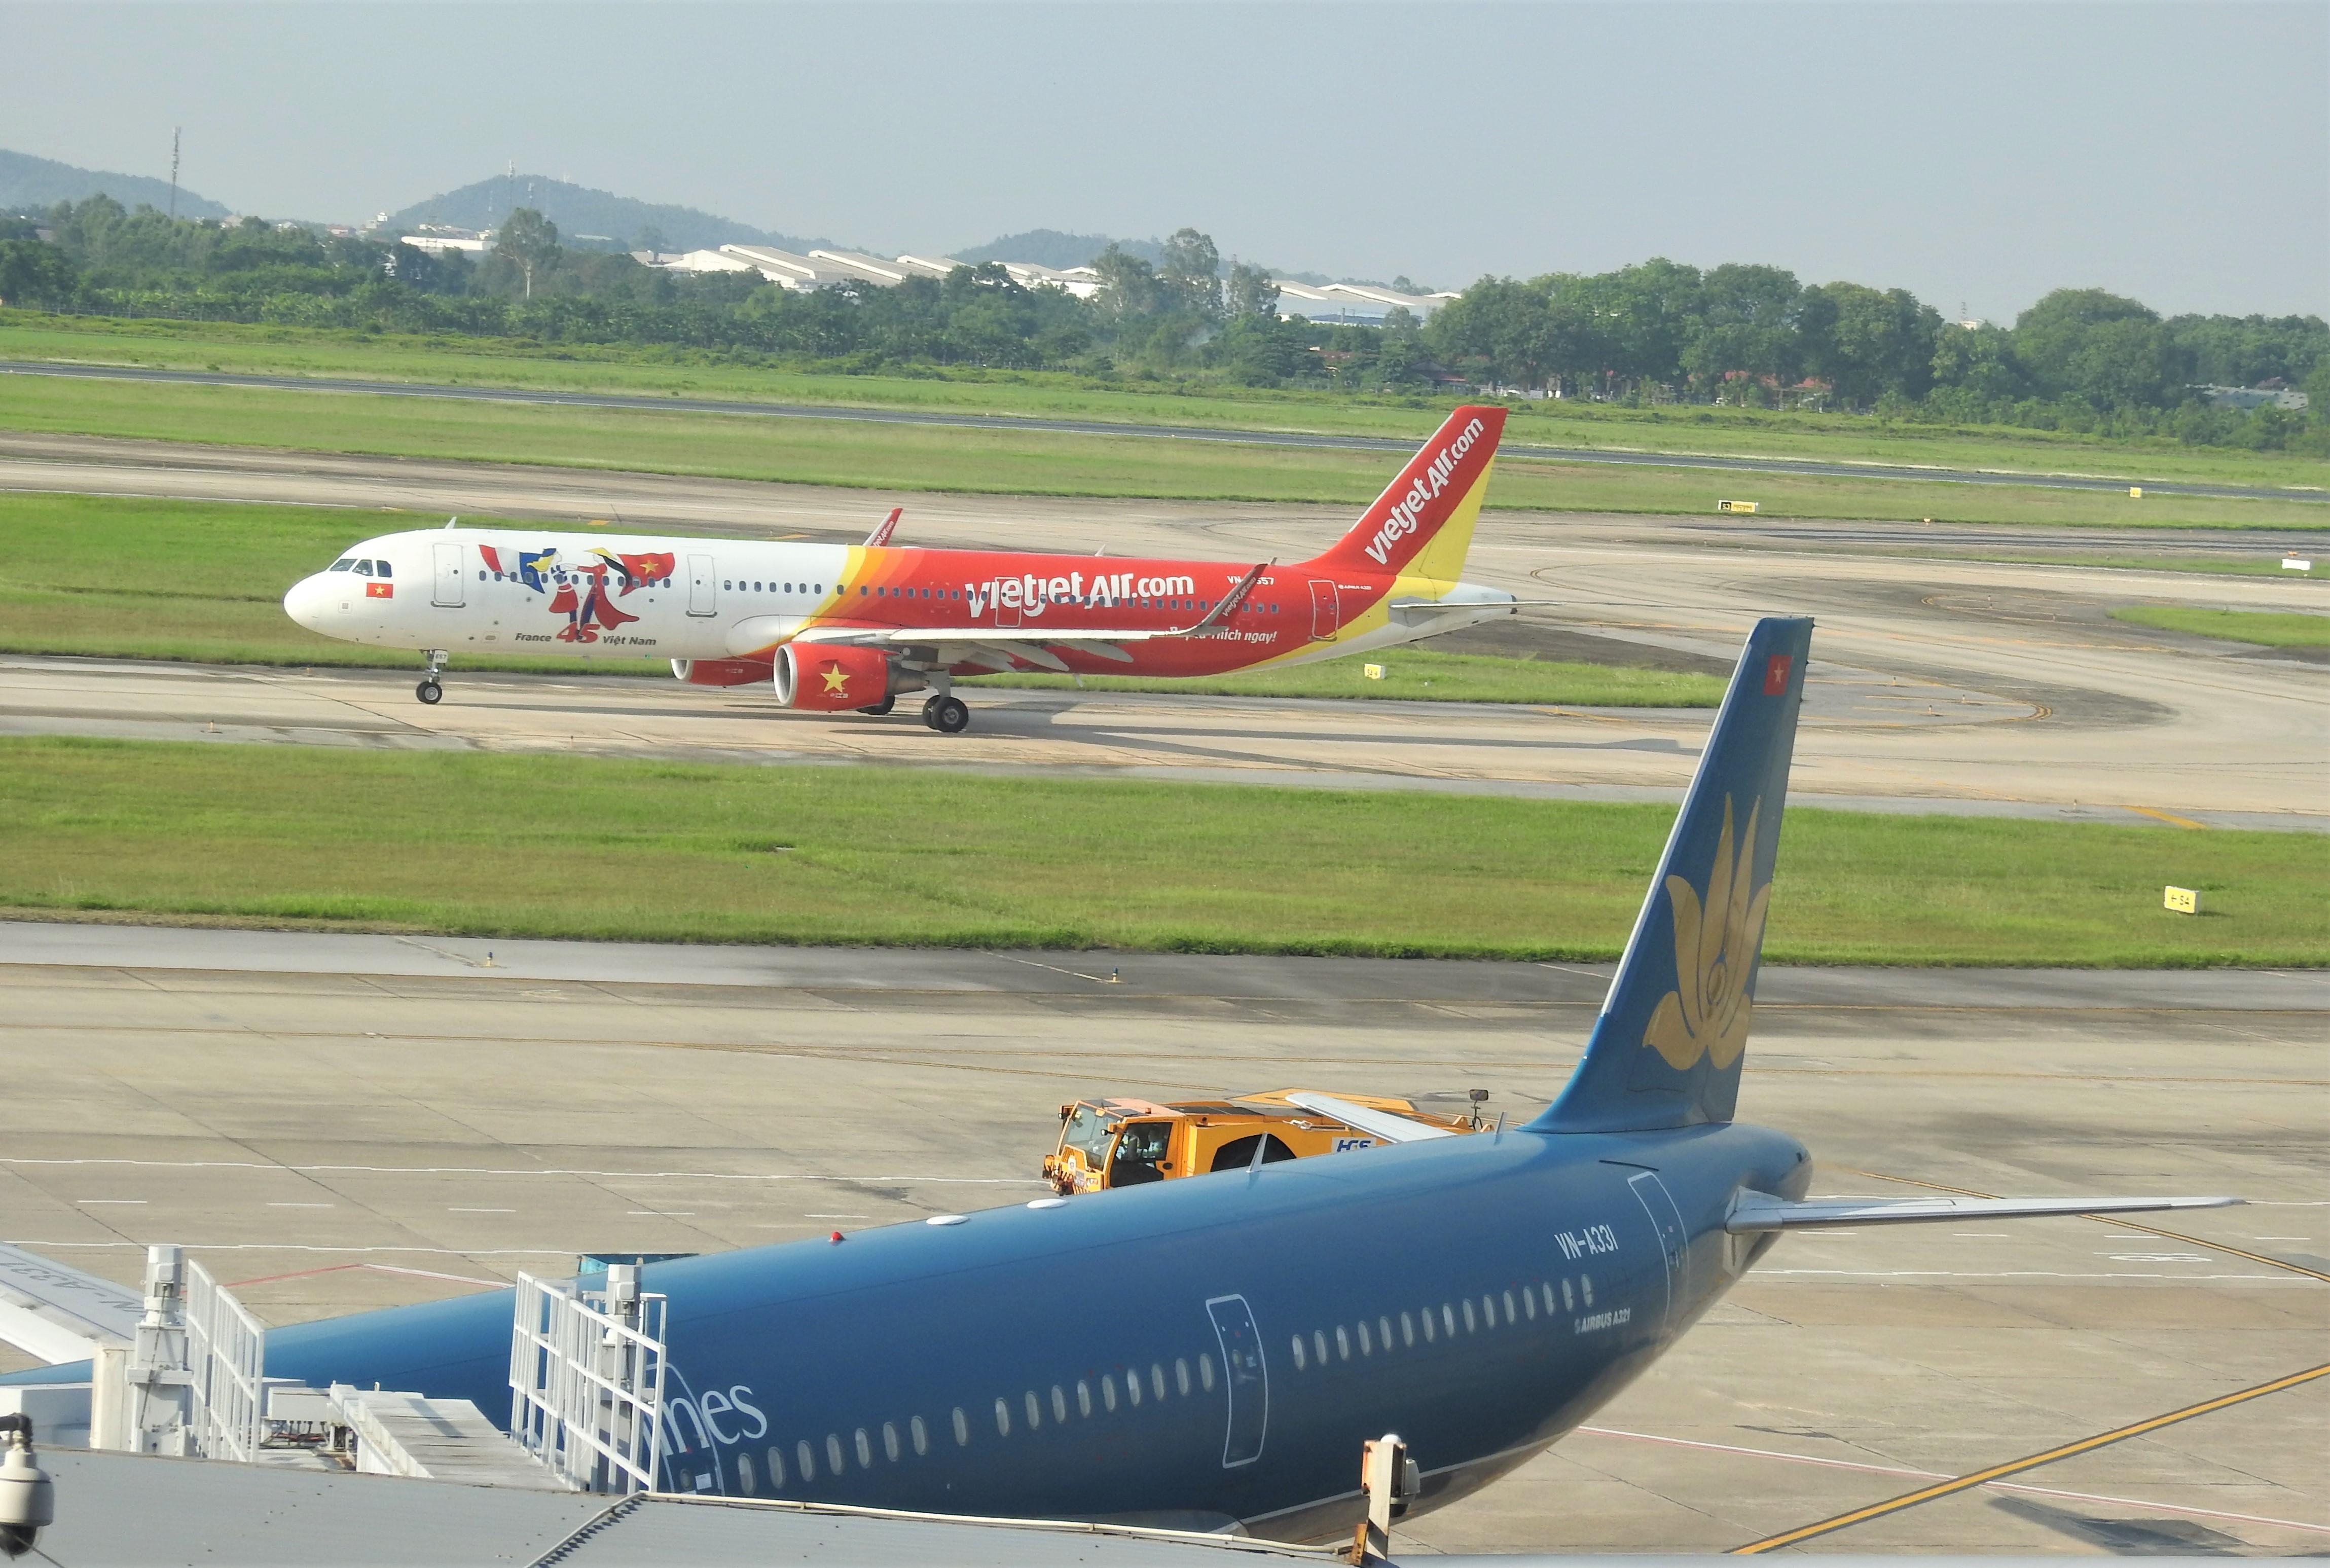 Cục Hàng không chỉ định Vietjet và Vietnam Airlines nối lại 6 đường bay quốc tế từ 15/9 - Ảnh 1.